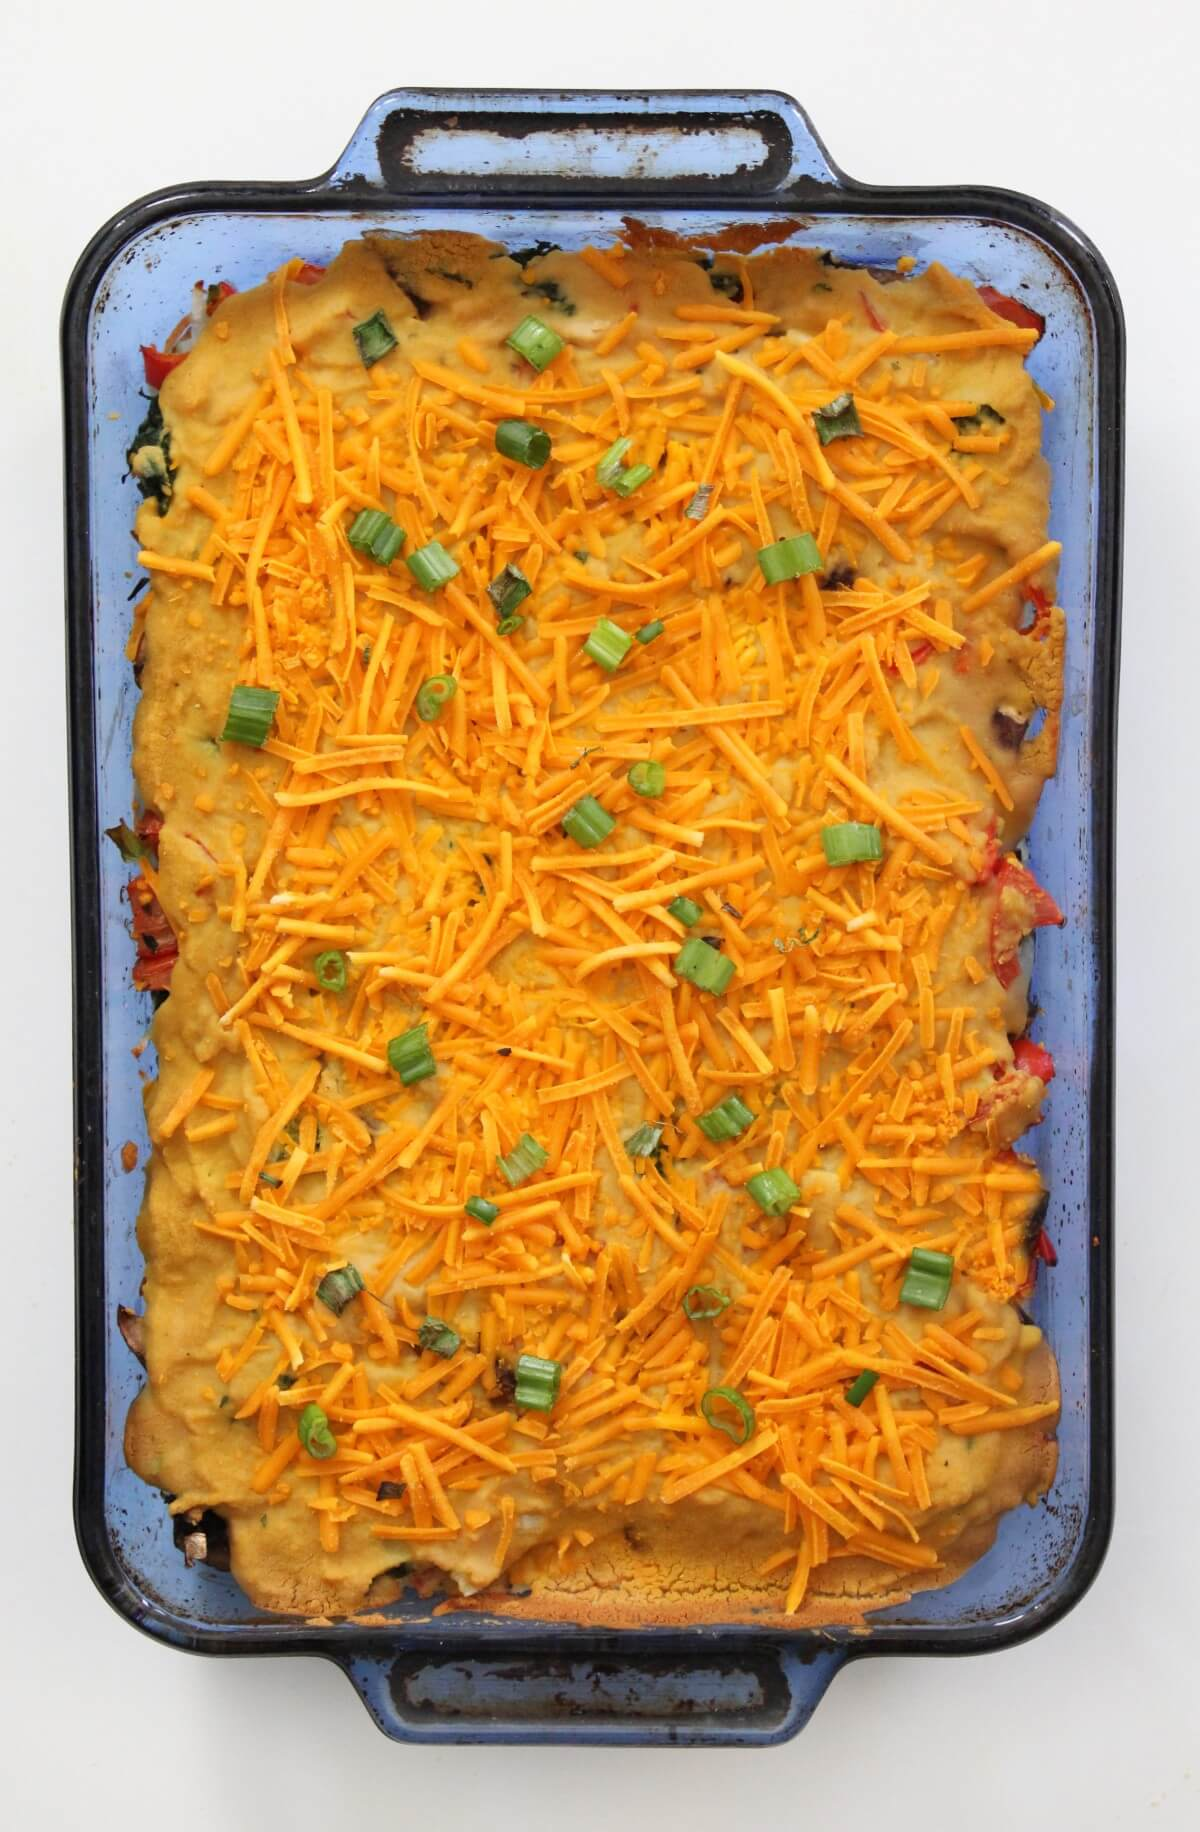 uncut full baked vegan breakfast casserole